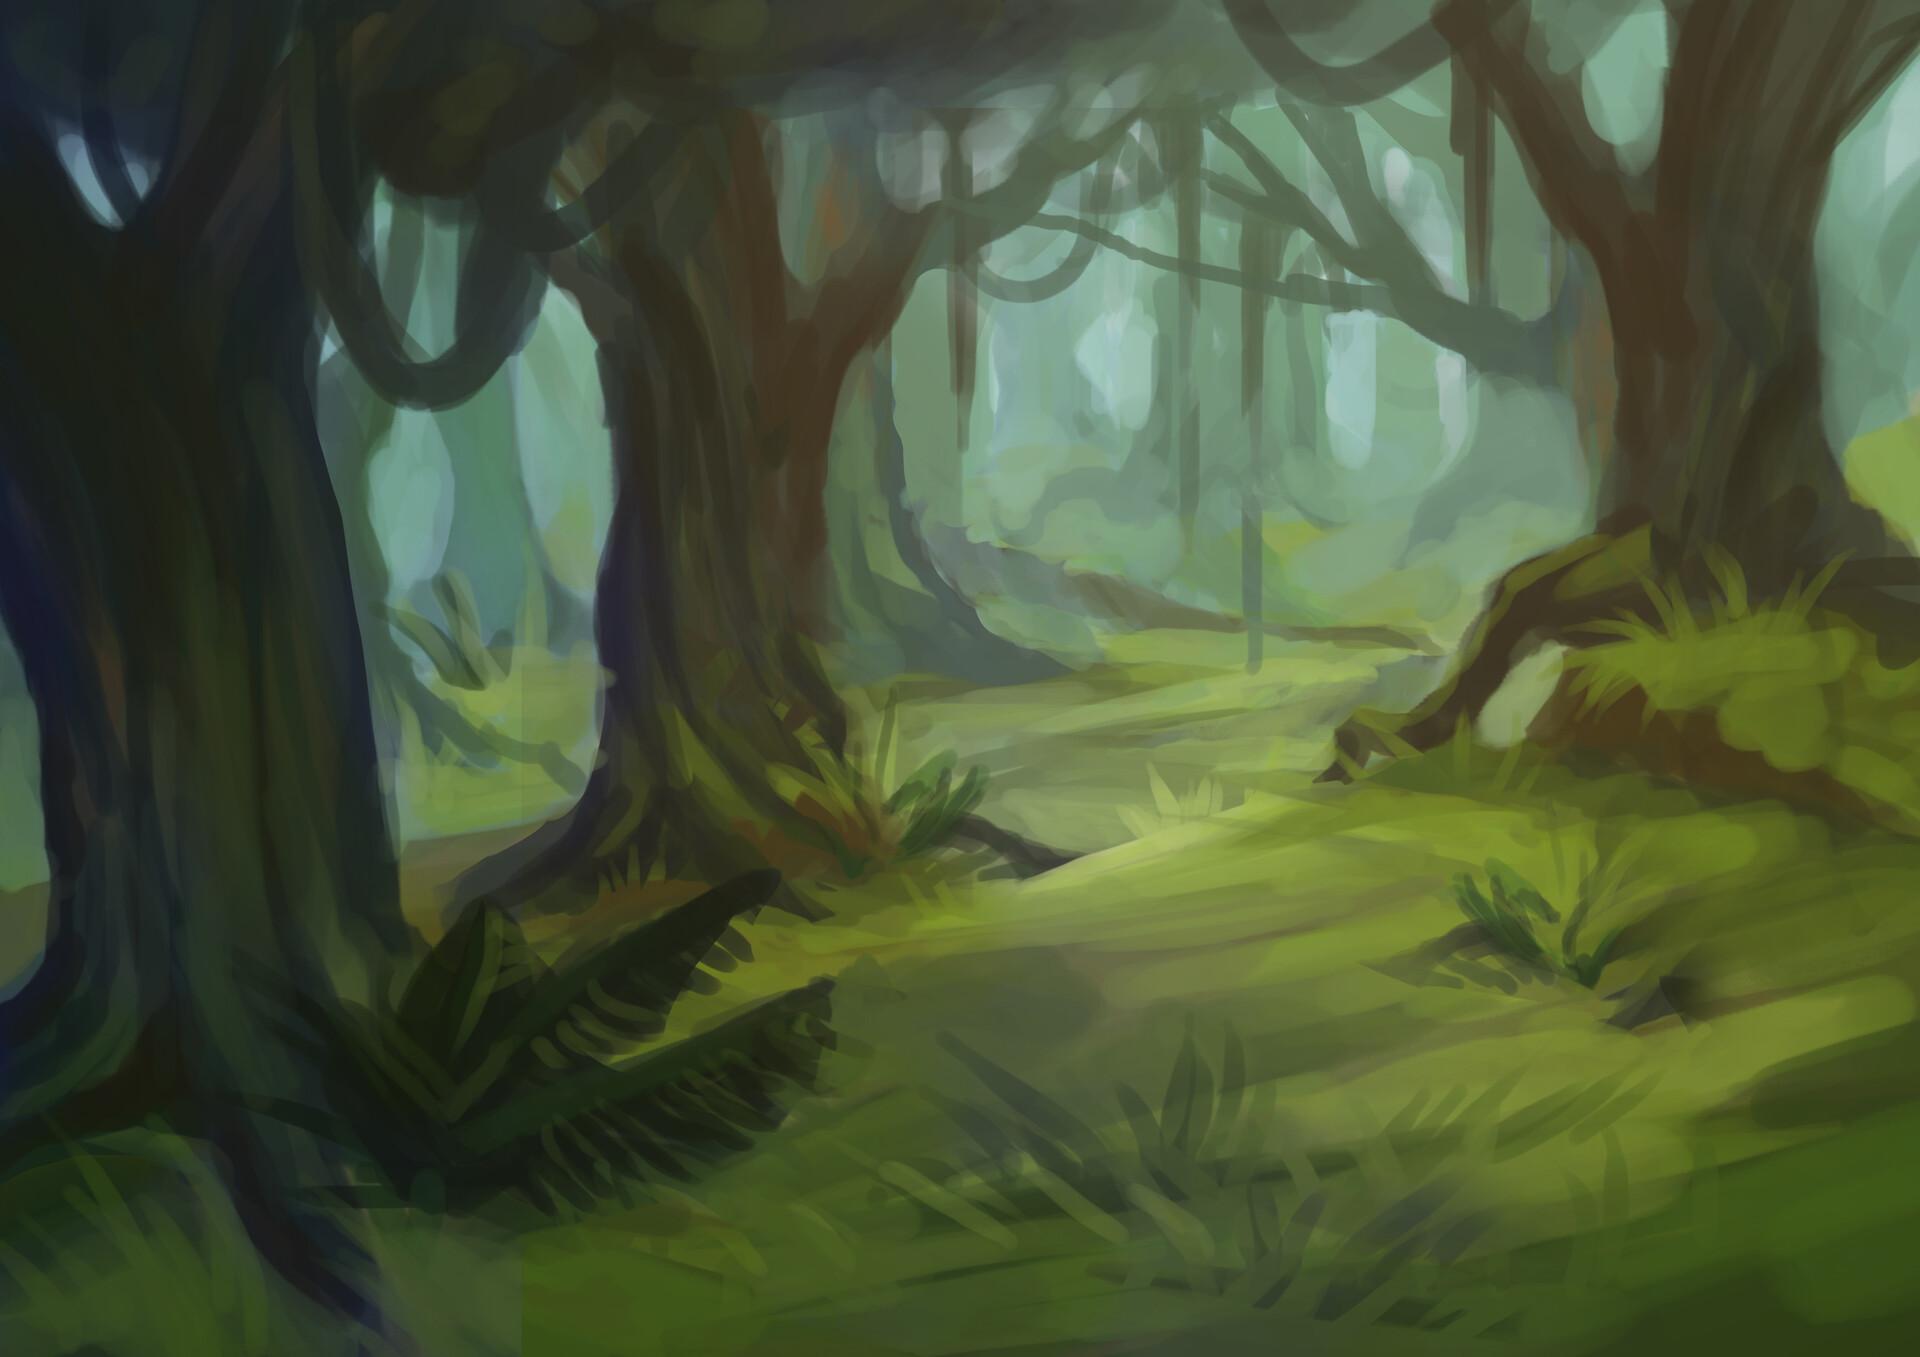 E mali ware landscape1